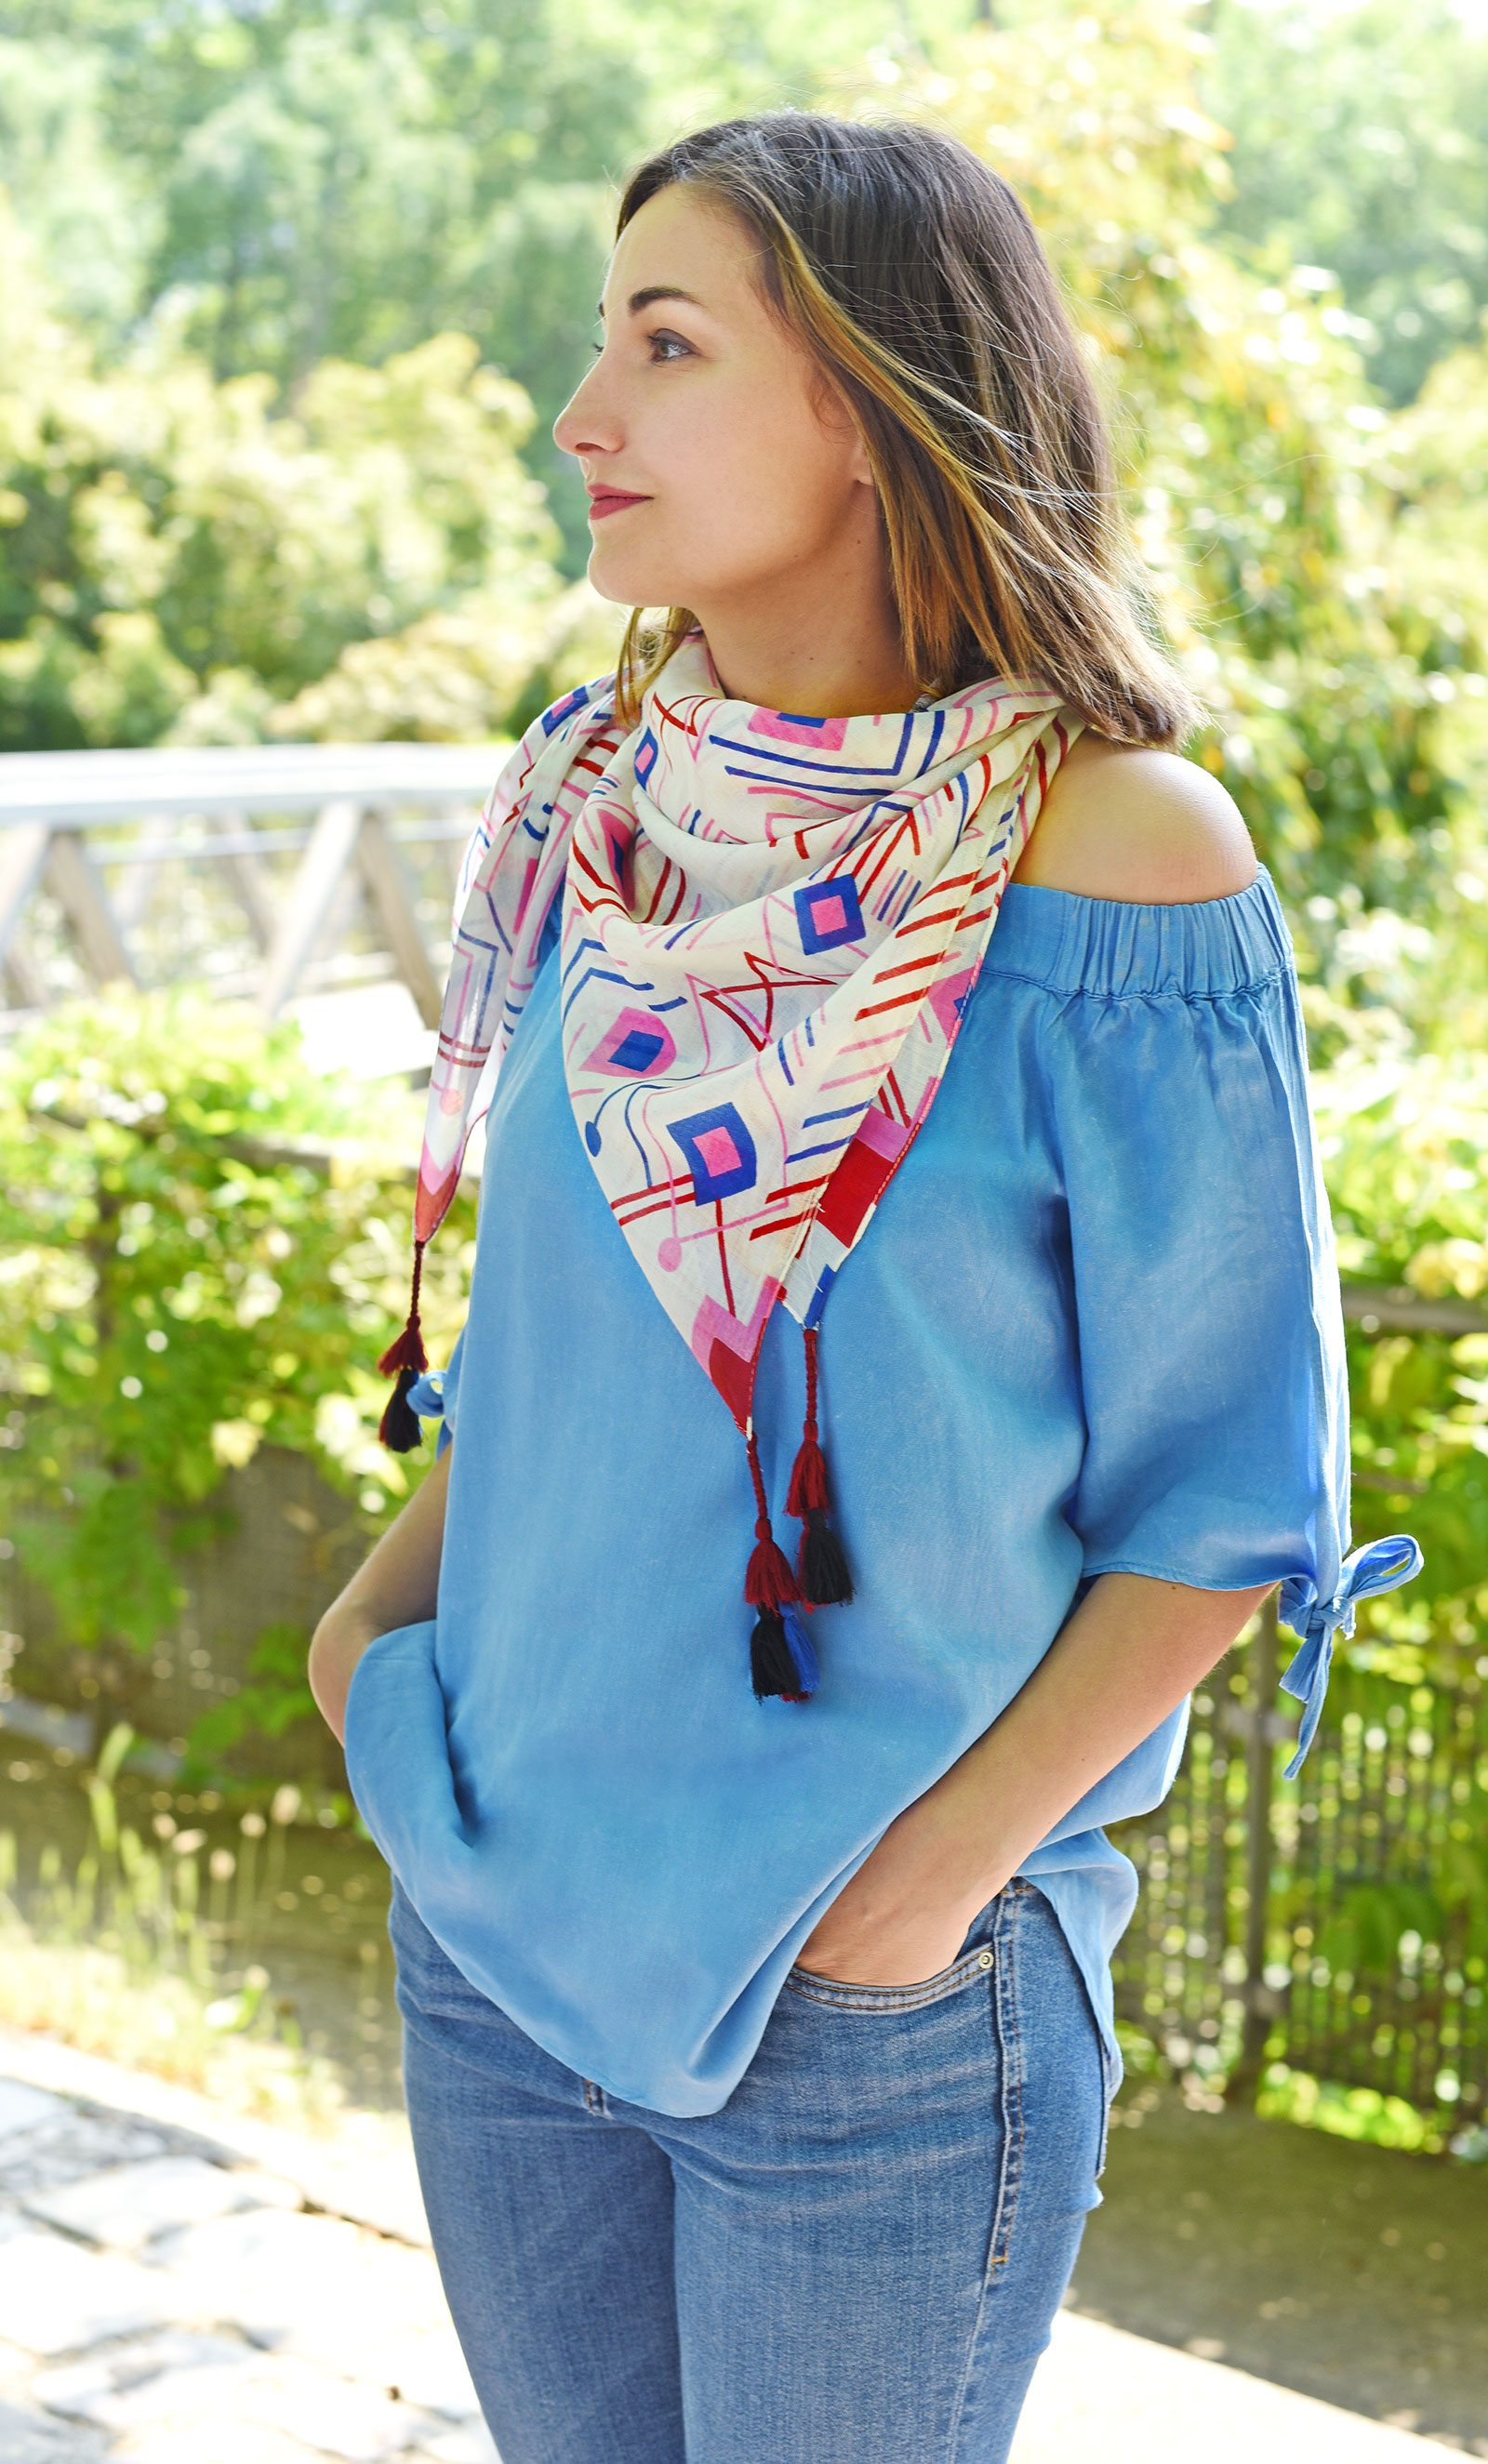 http://lookbook.allee-du-foulard.fr/wp-content/uploads/2018/06/0679-ADF-Accessoires-de-mode-LB-Coll_geometrique-chiapa-rouge-1-1600x2650.jpg